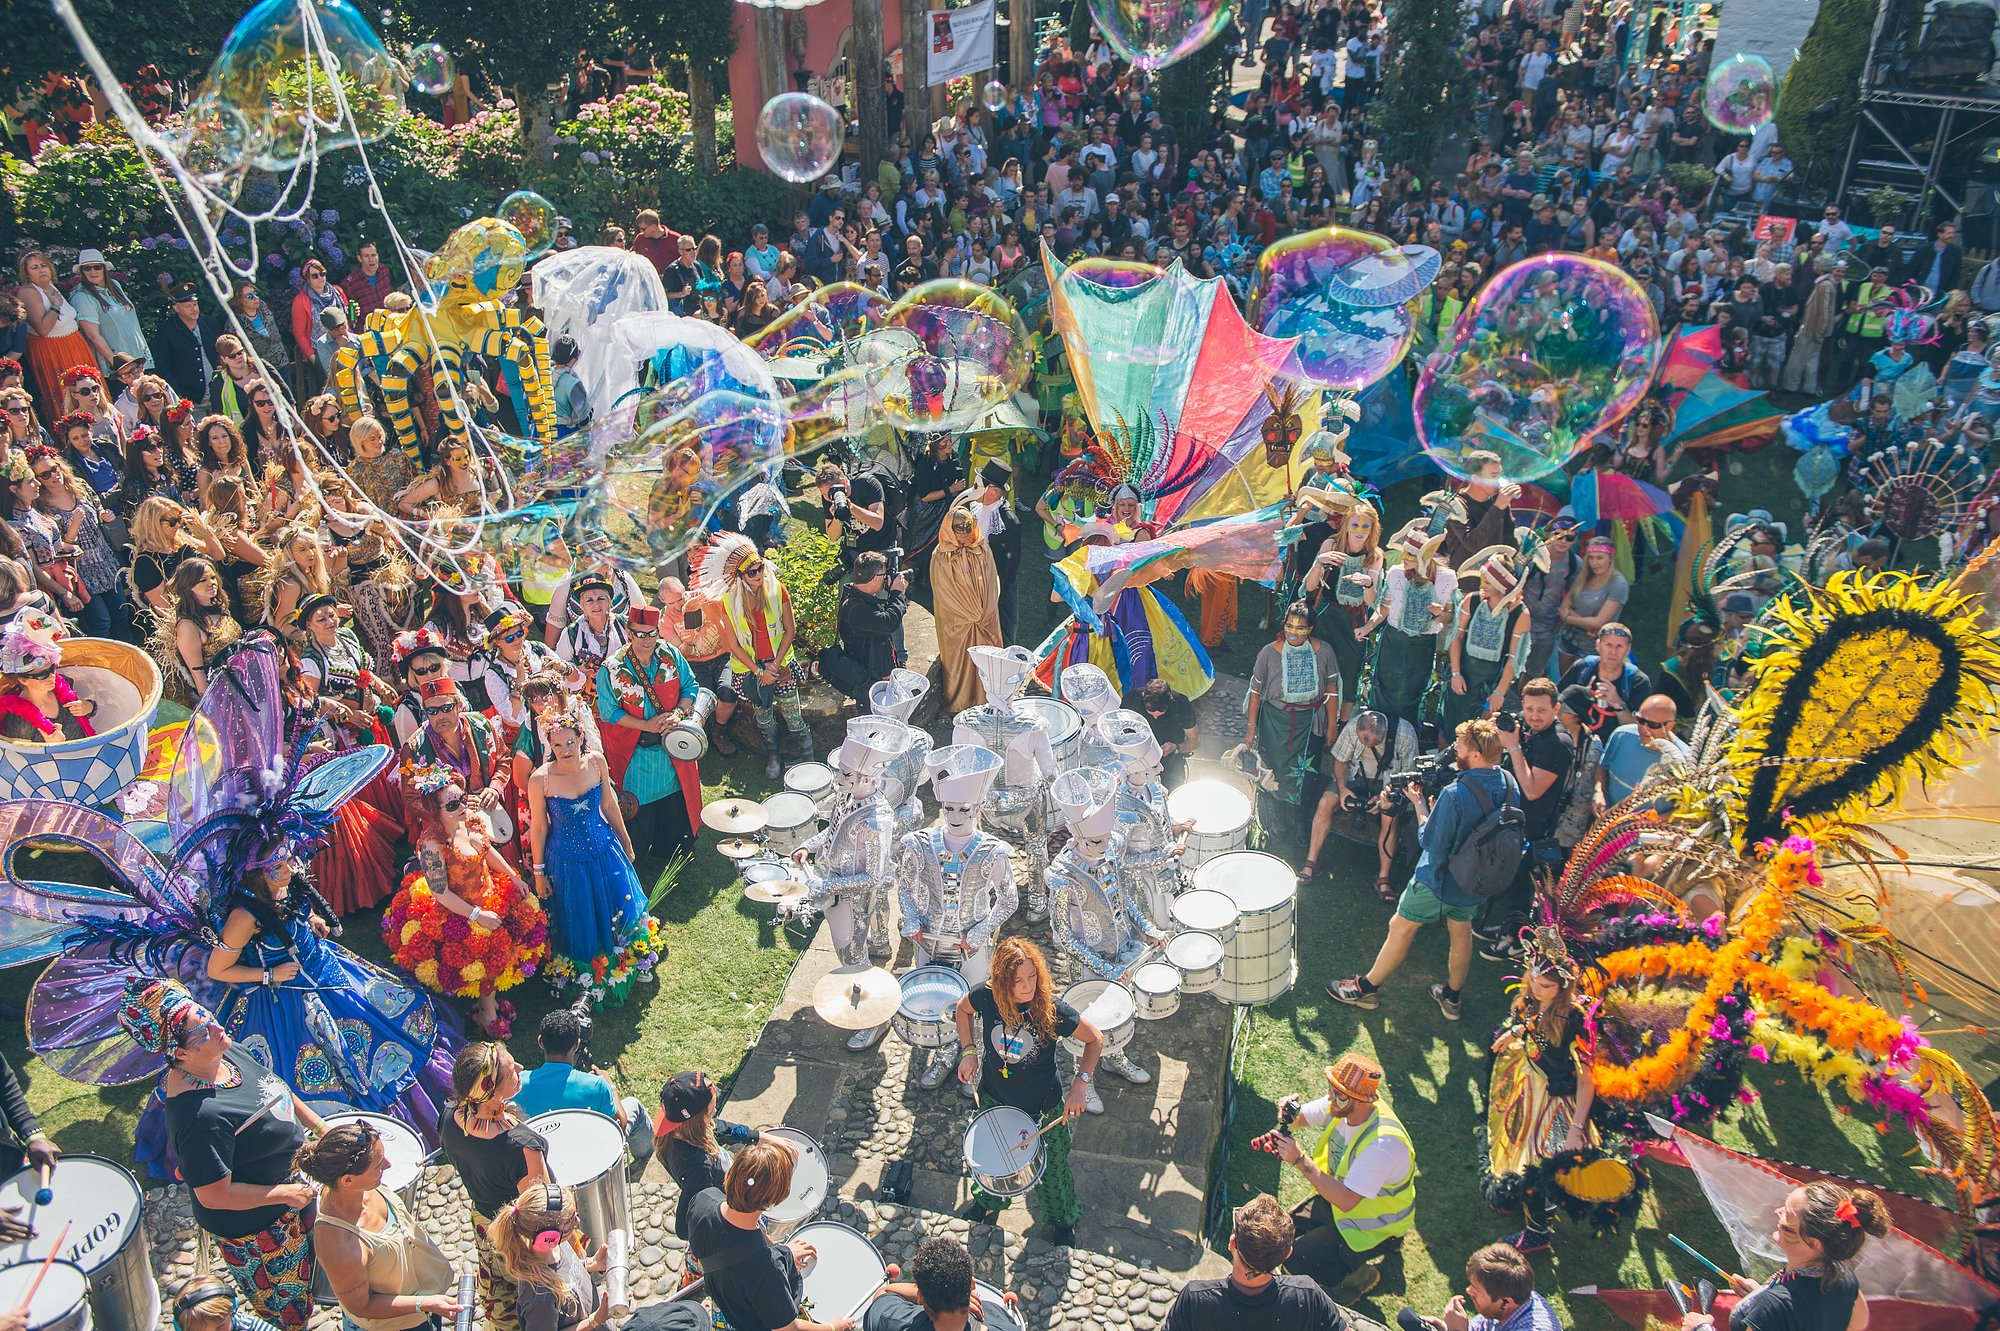 The No. 6 Carnival Finale at Festival No. 6